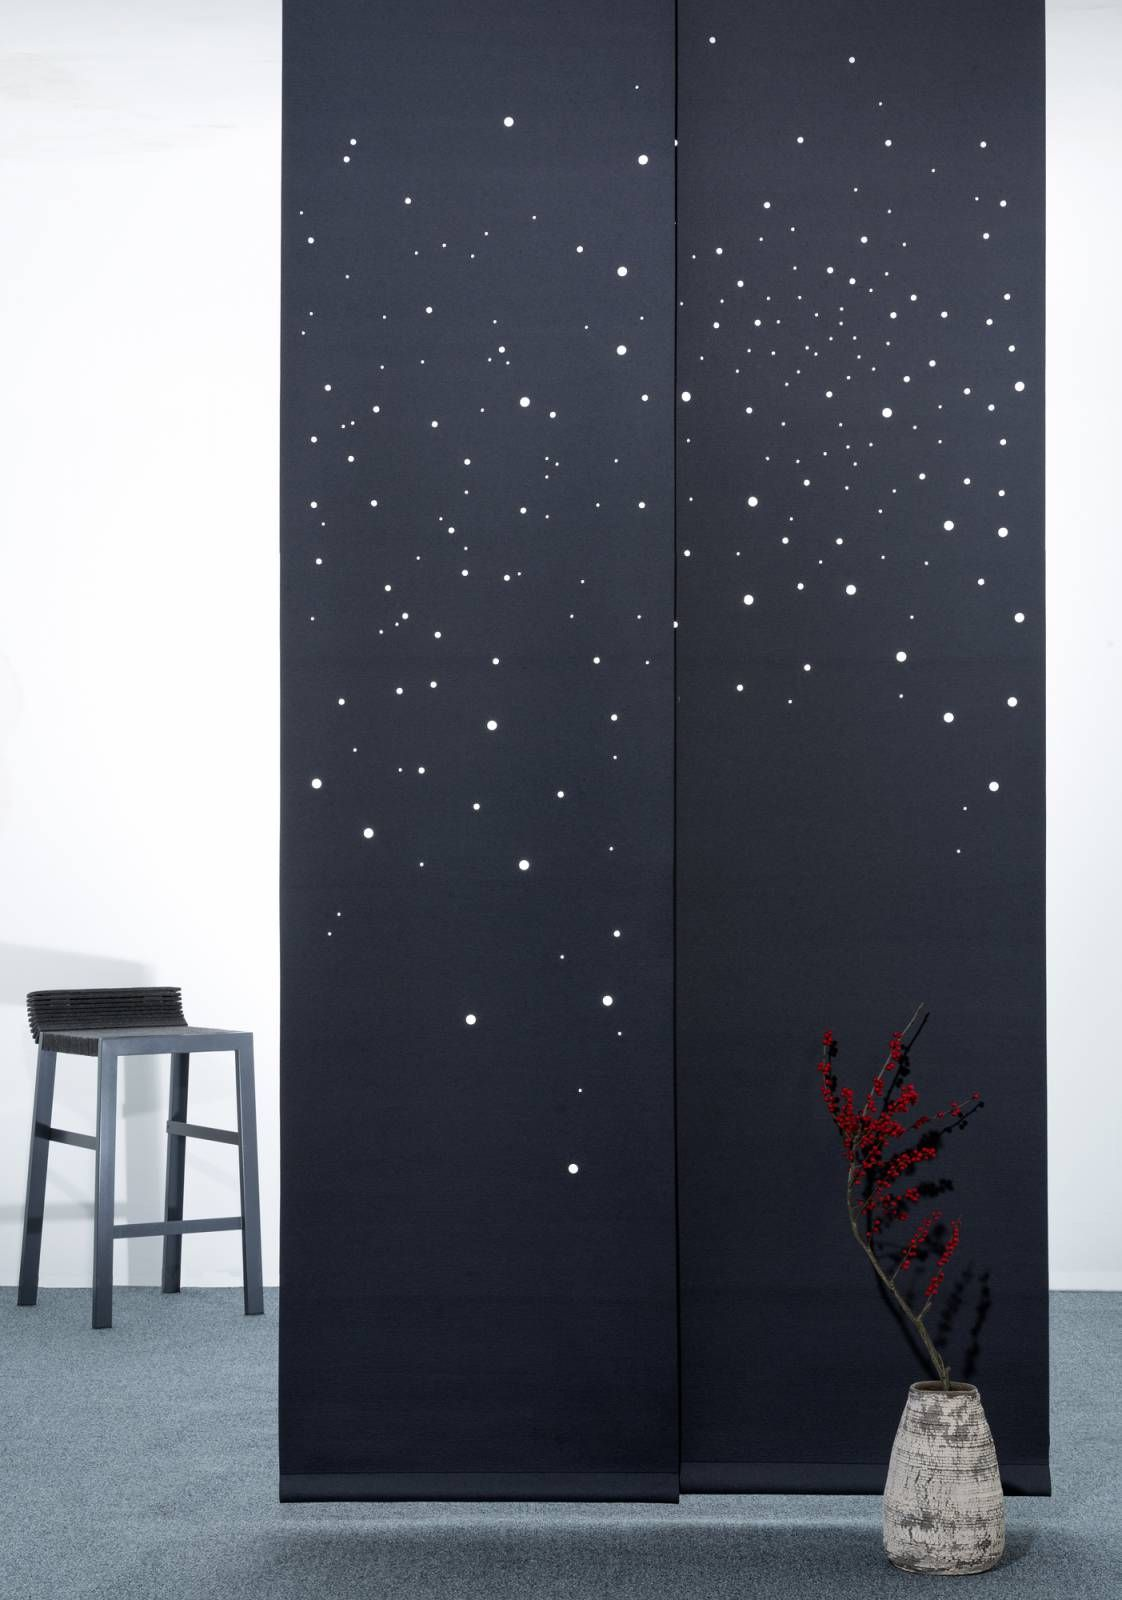 panneau japonais occultant voie lact e pinteres. Black Bedroom Furniture Sets. Home Design Ideas